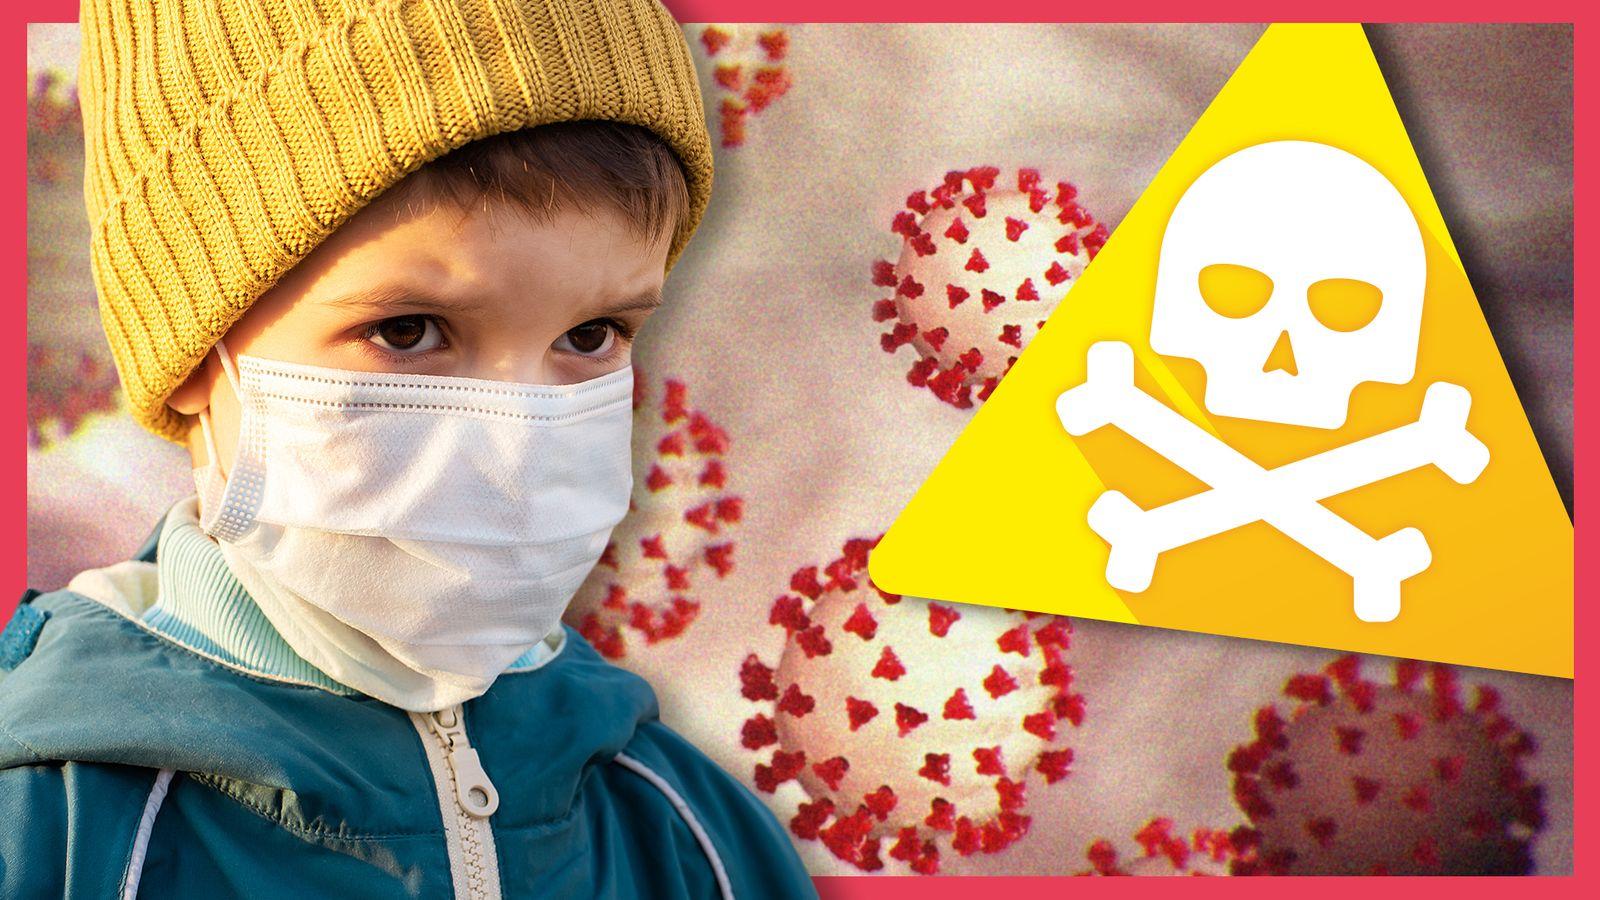 Ist Maske tragen gefährlich für Kinder? Possoch klärt! | BR24